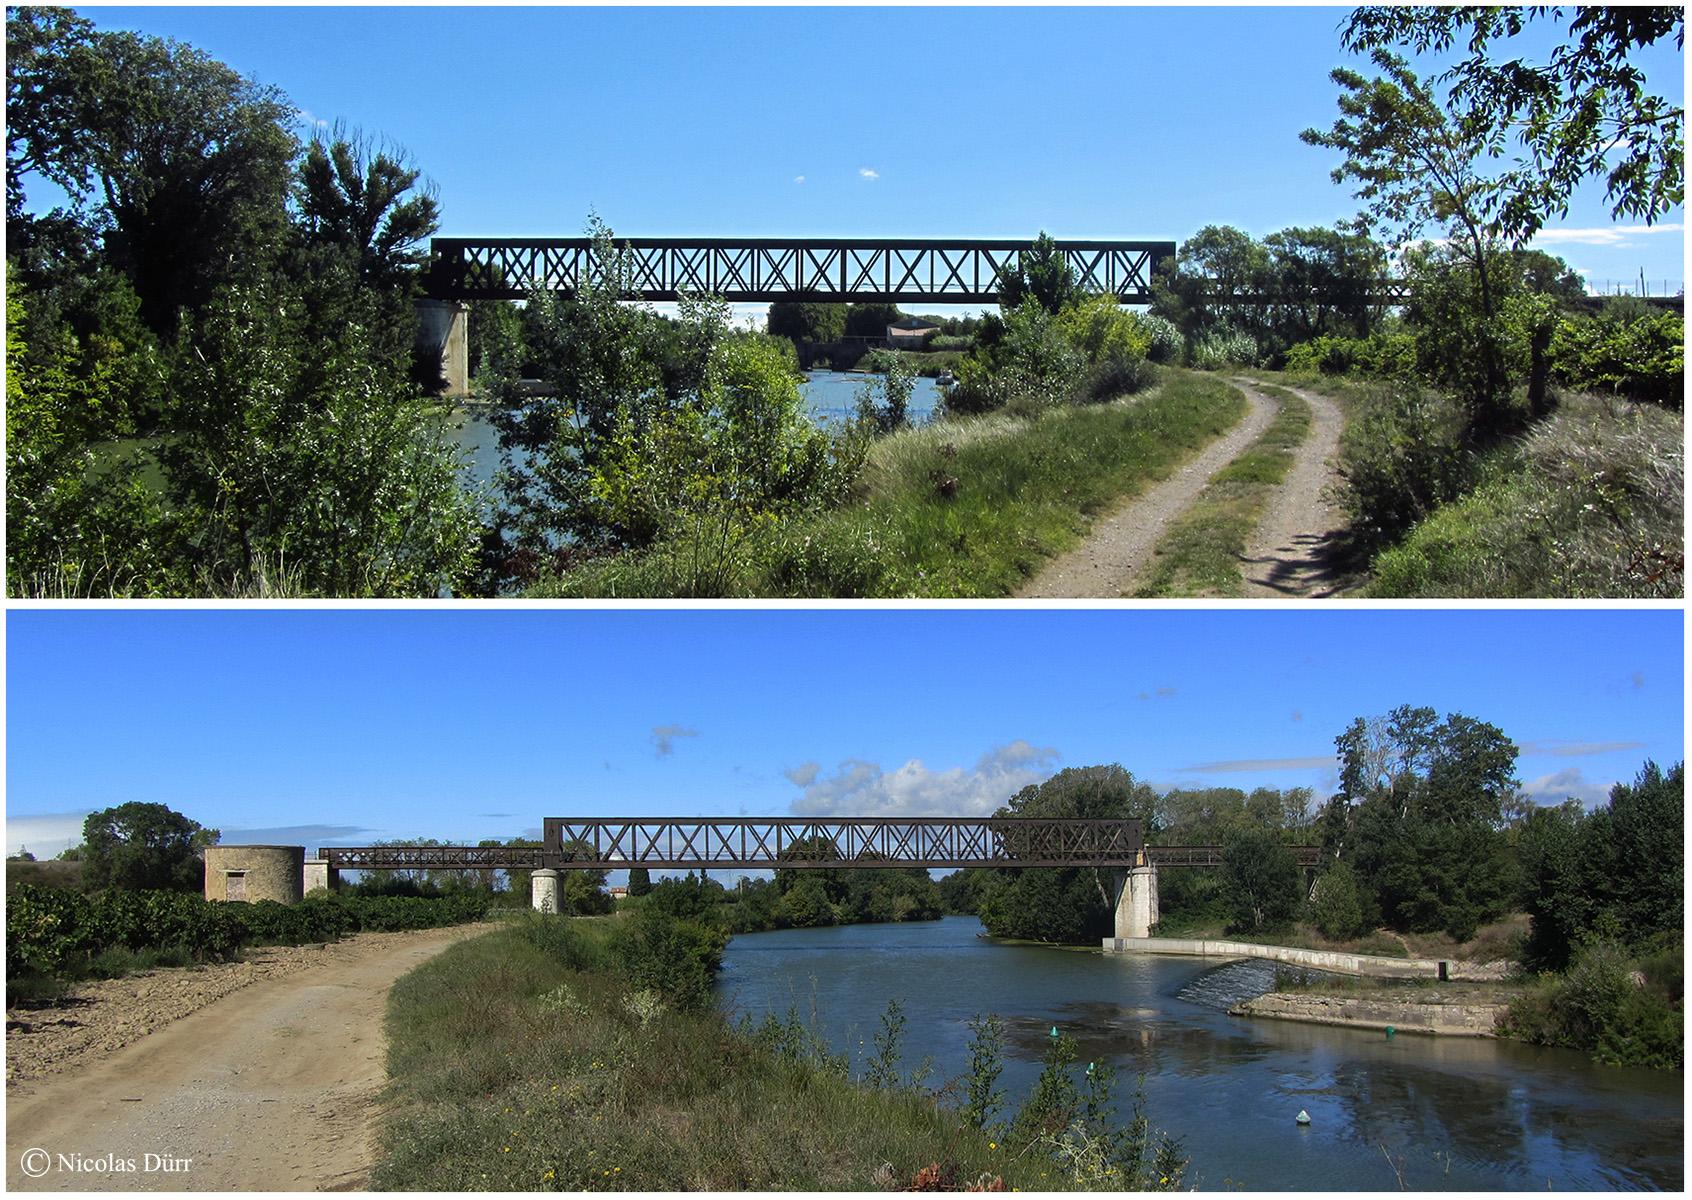 Le pont sur l'Aude du chemin de fer touristique